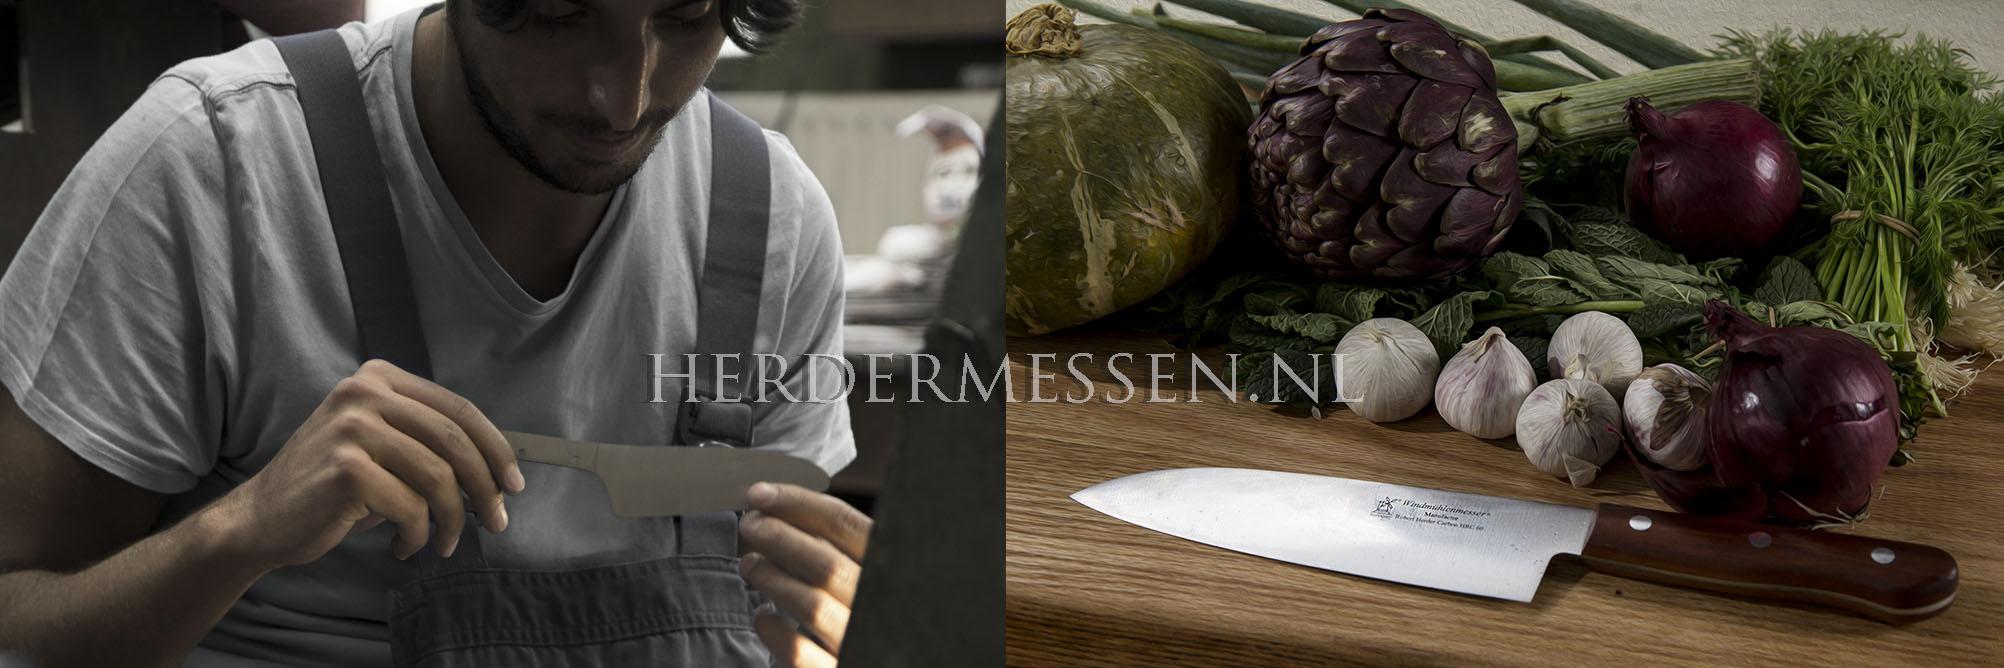 banner koksmessen